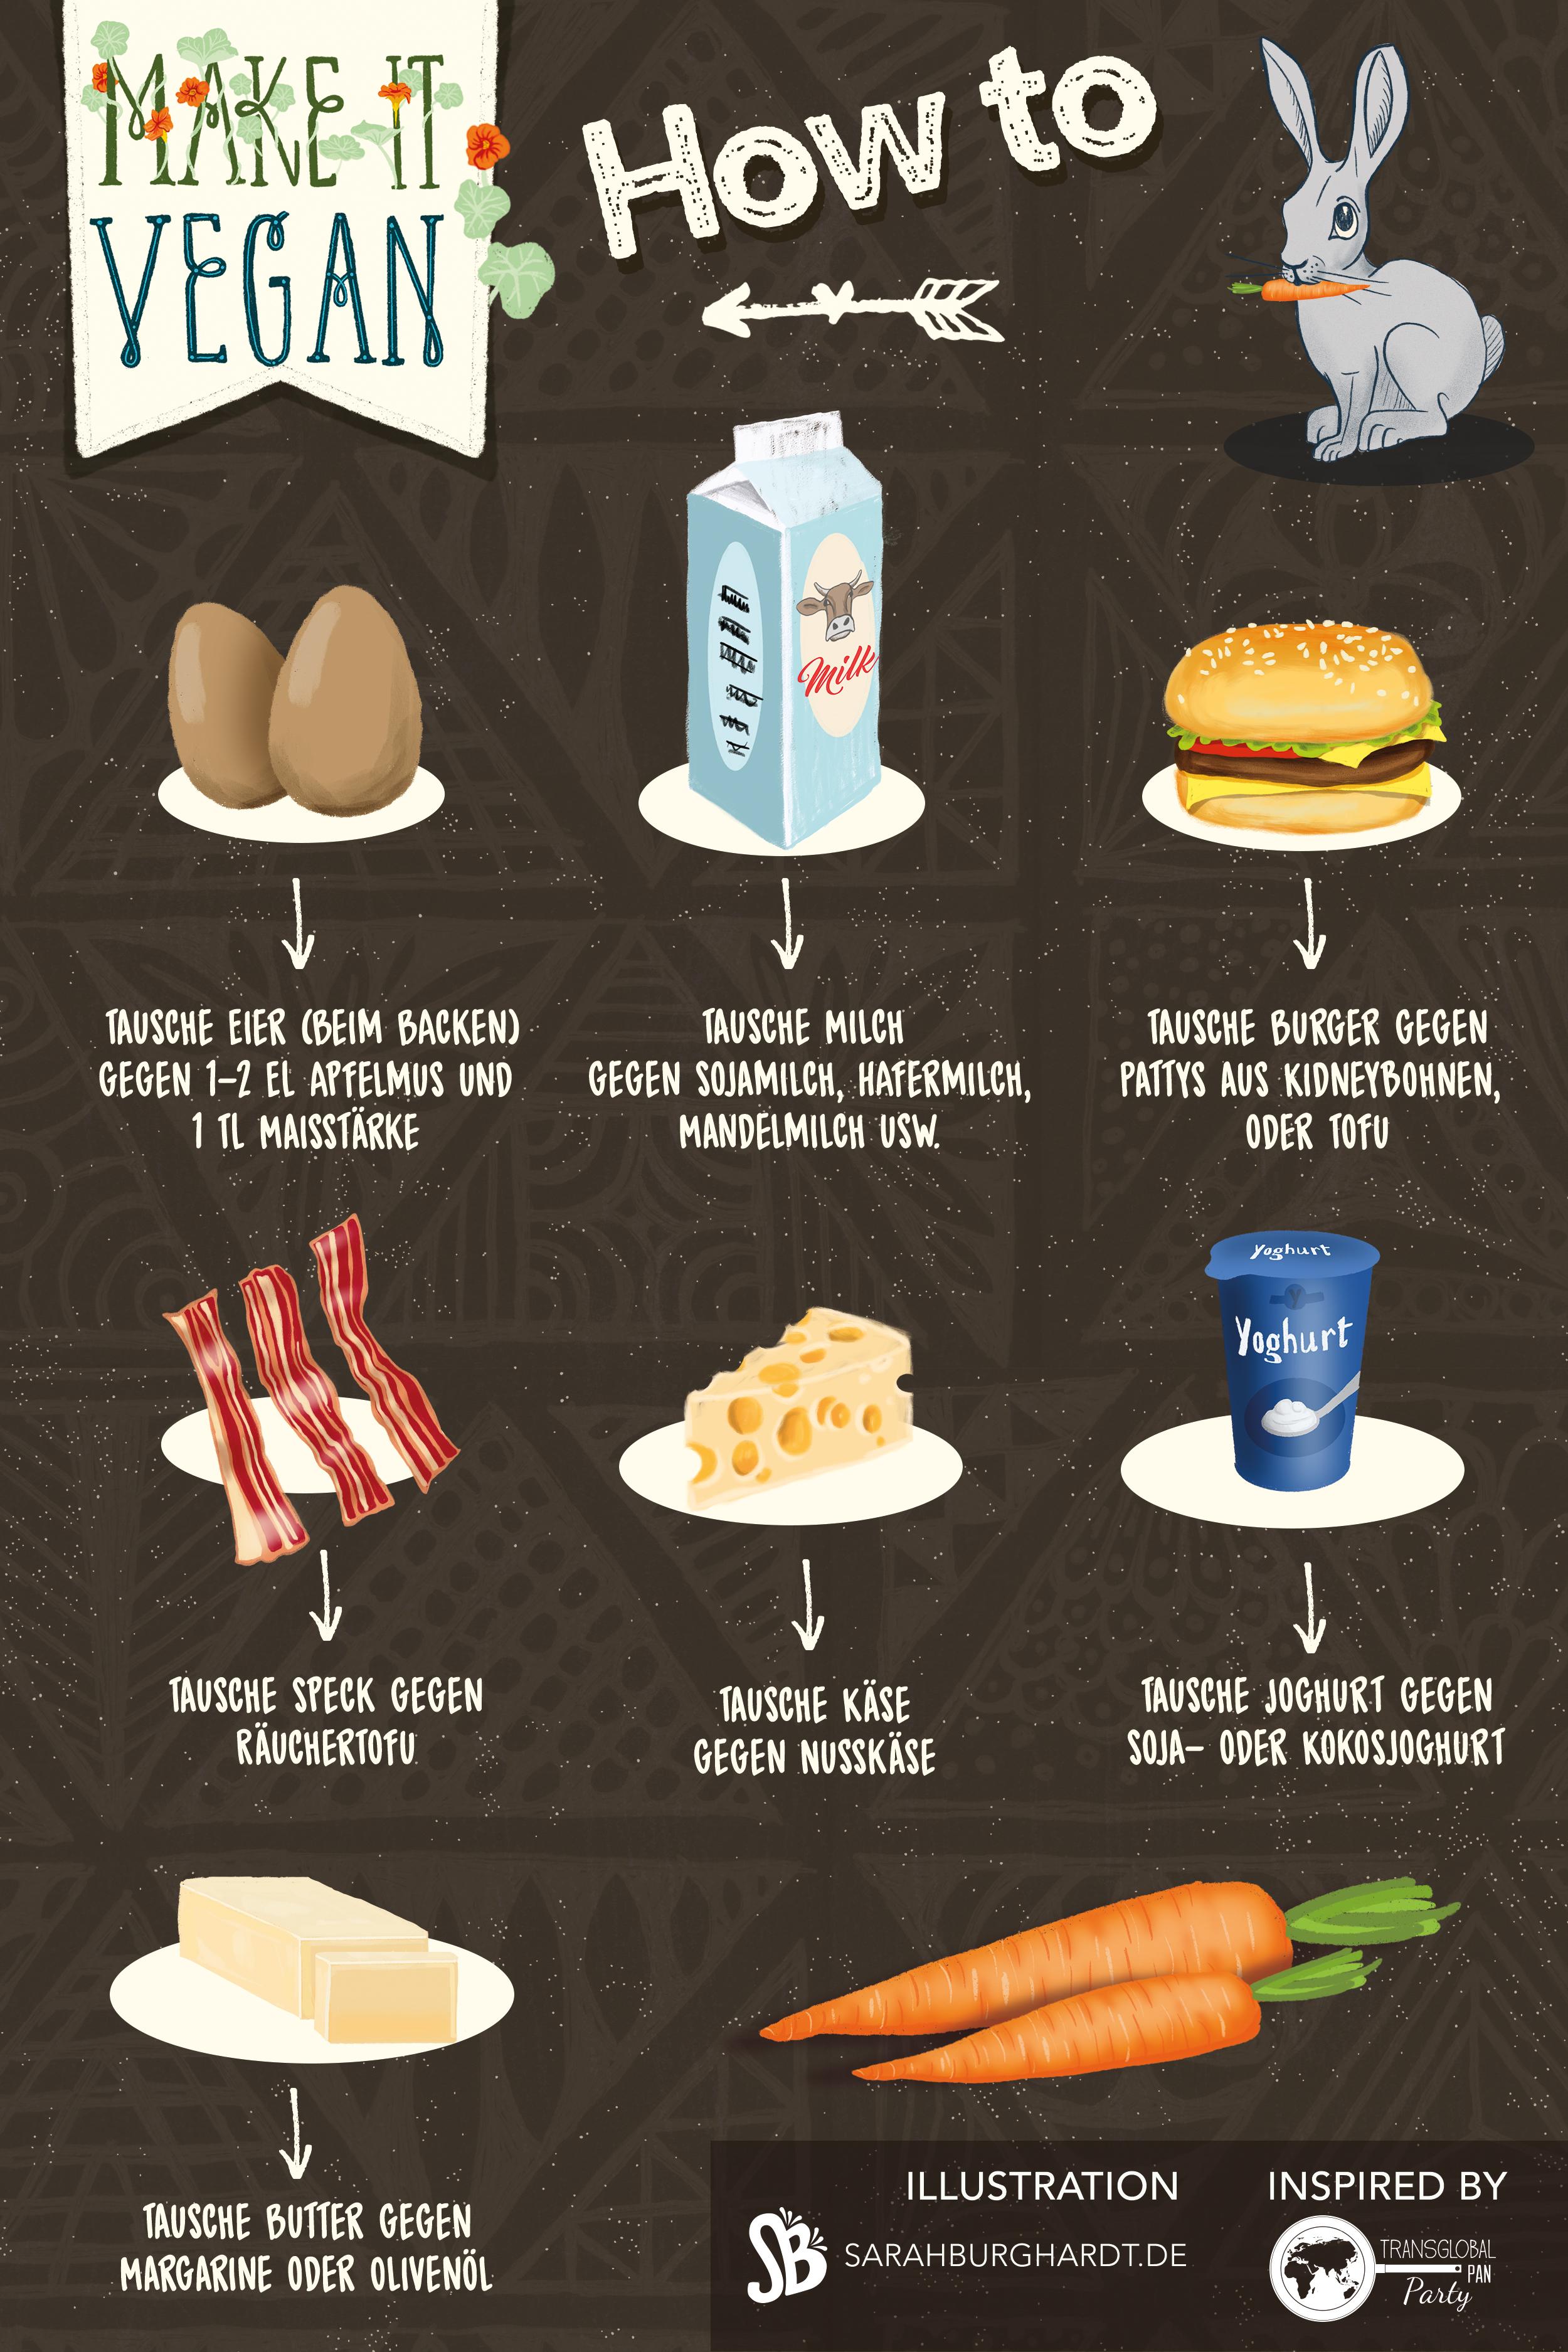 Vegane Ersatzprodukte, vegetarisch oder vegan kochen